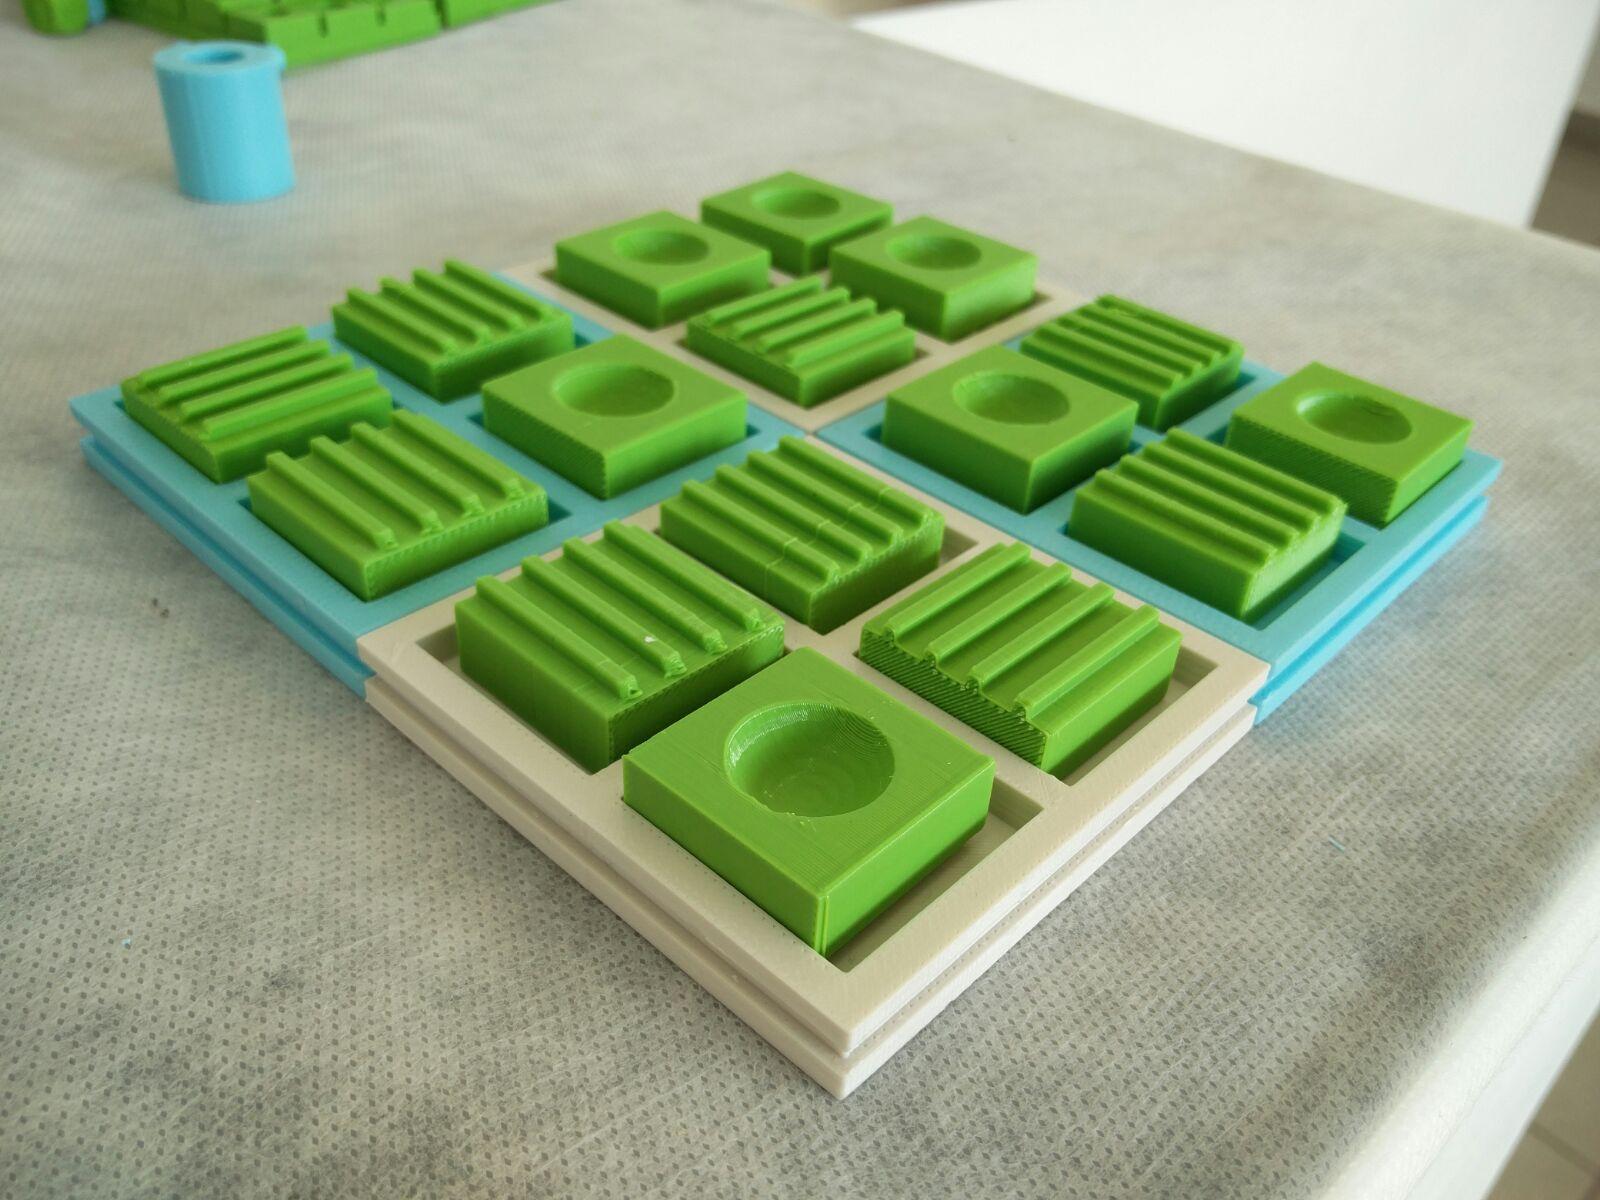 ריברסי לעיוורים בהדפסה תלת מימדית